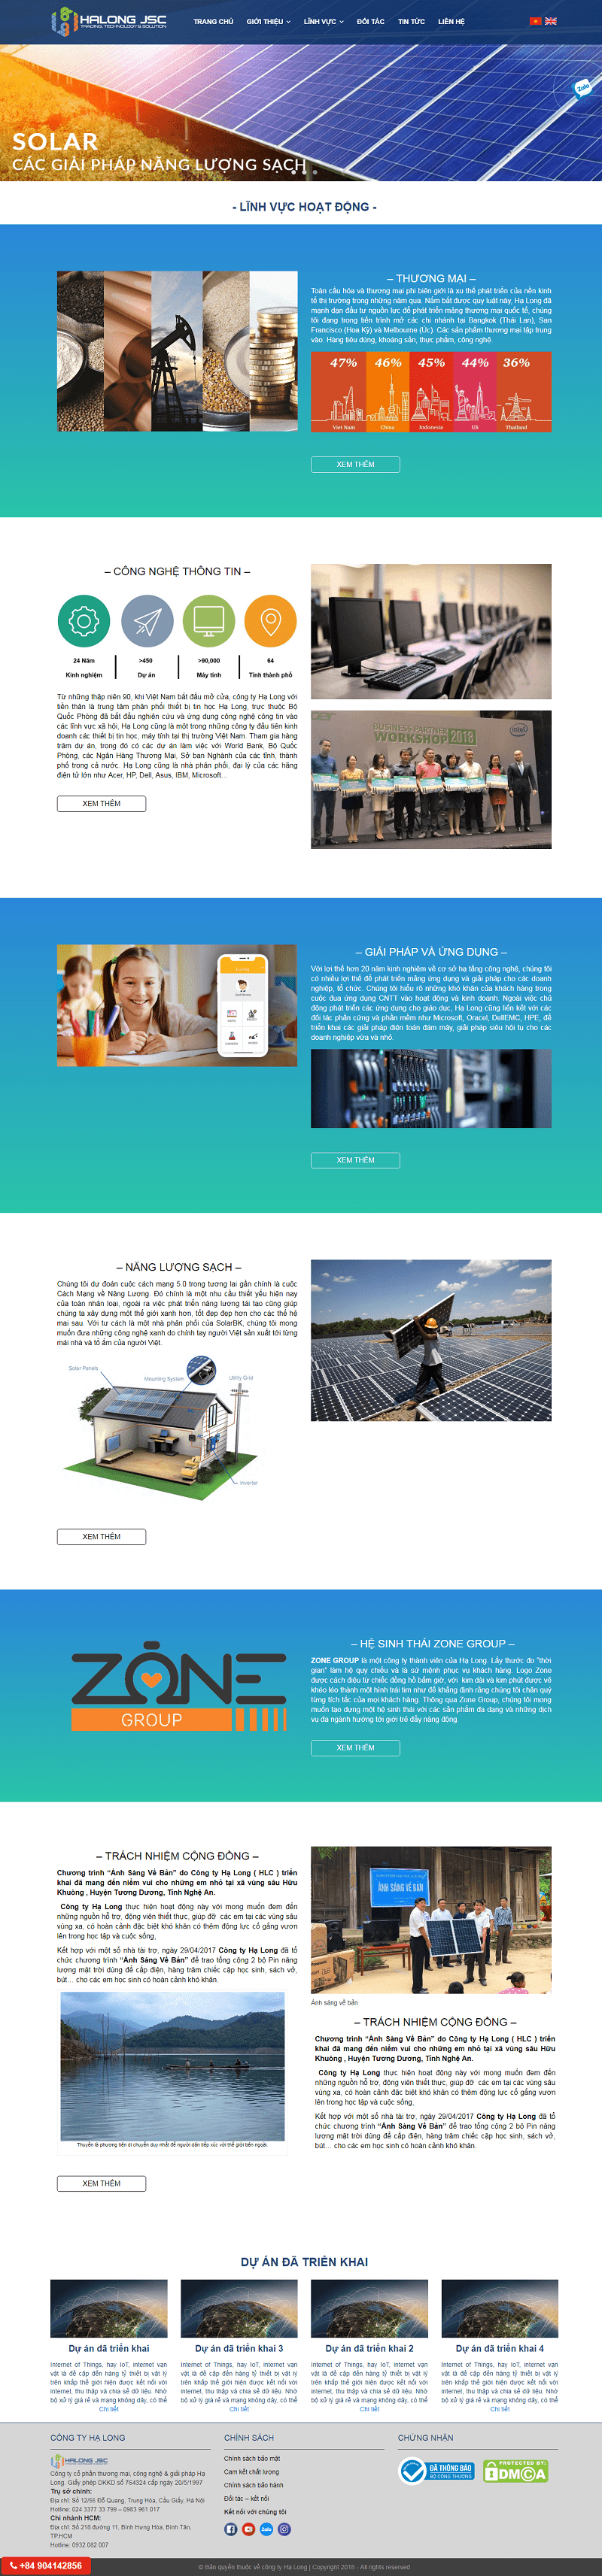 Thiết kế website năng lượng mặt trời chuyên nghiệp